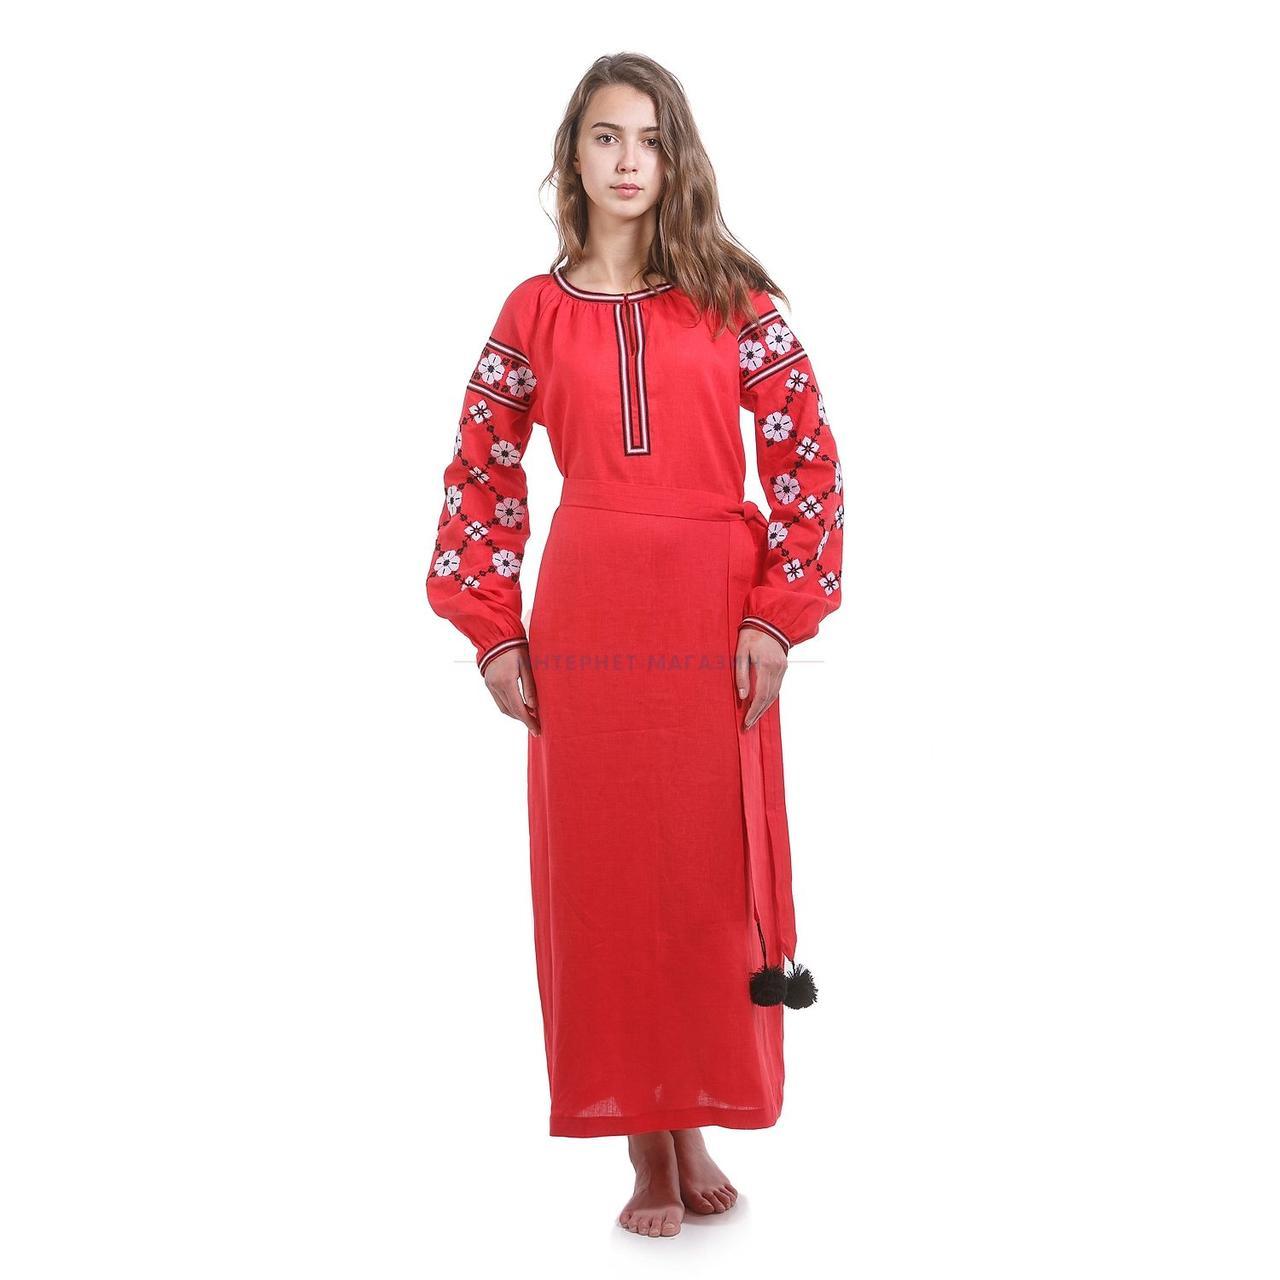 Вышитое дизайнерское красное платье с цветами